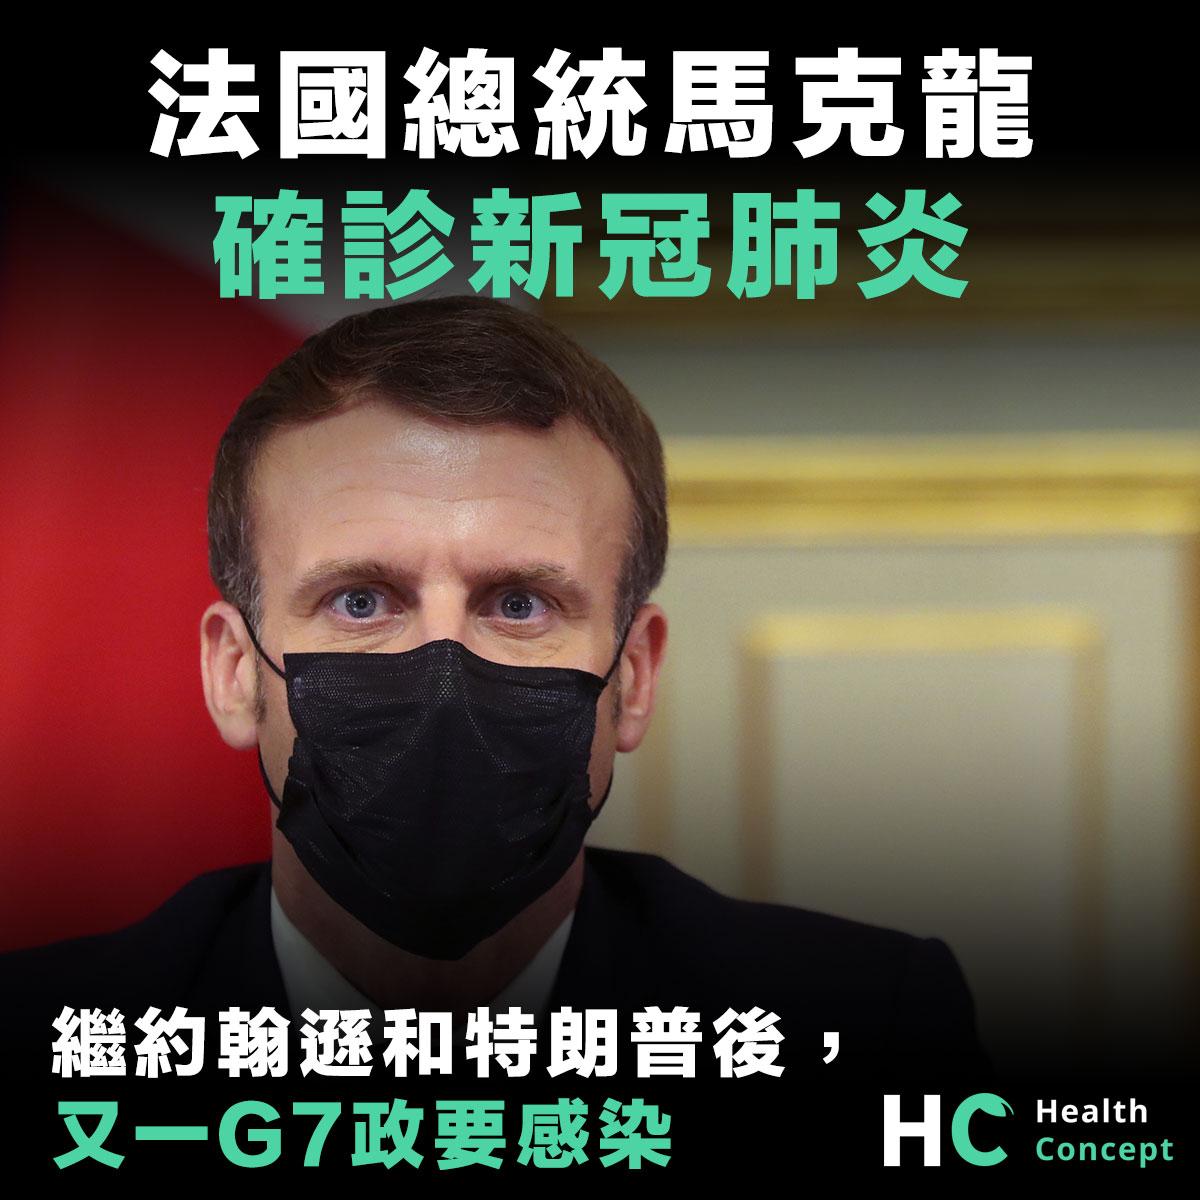 法國總統馬克龍確診新冠肺炎